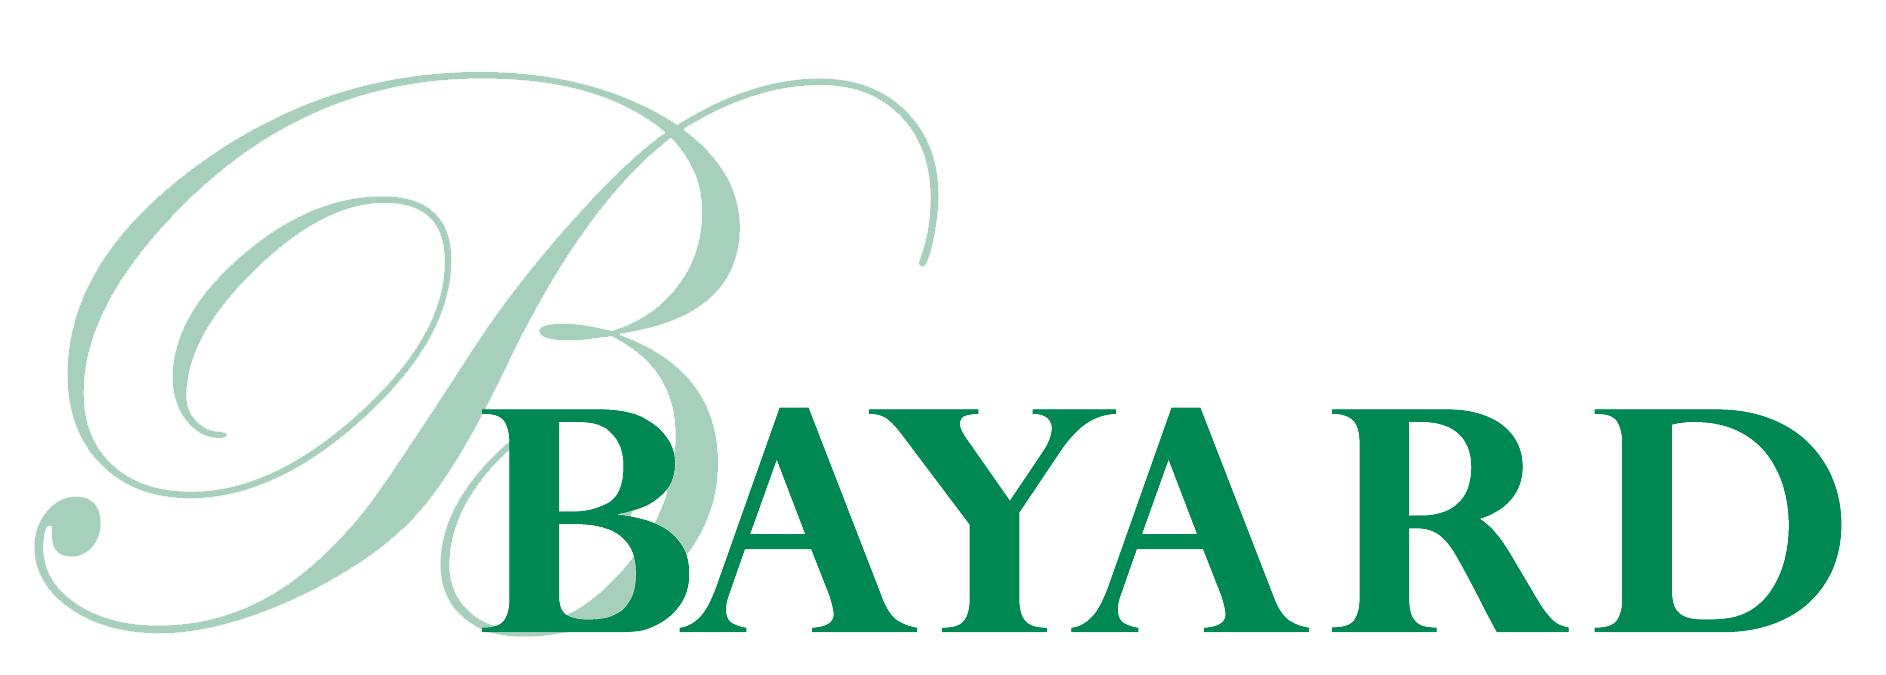 bayard_400dpi